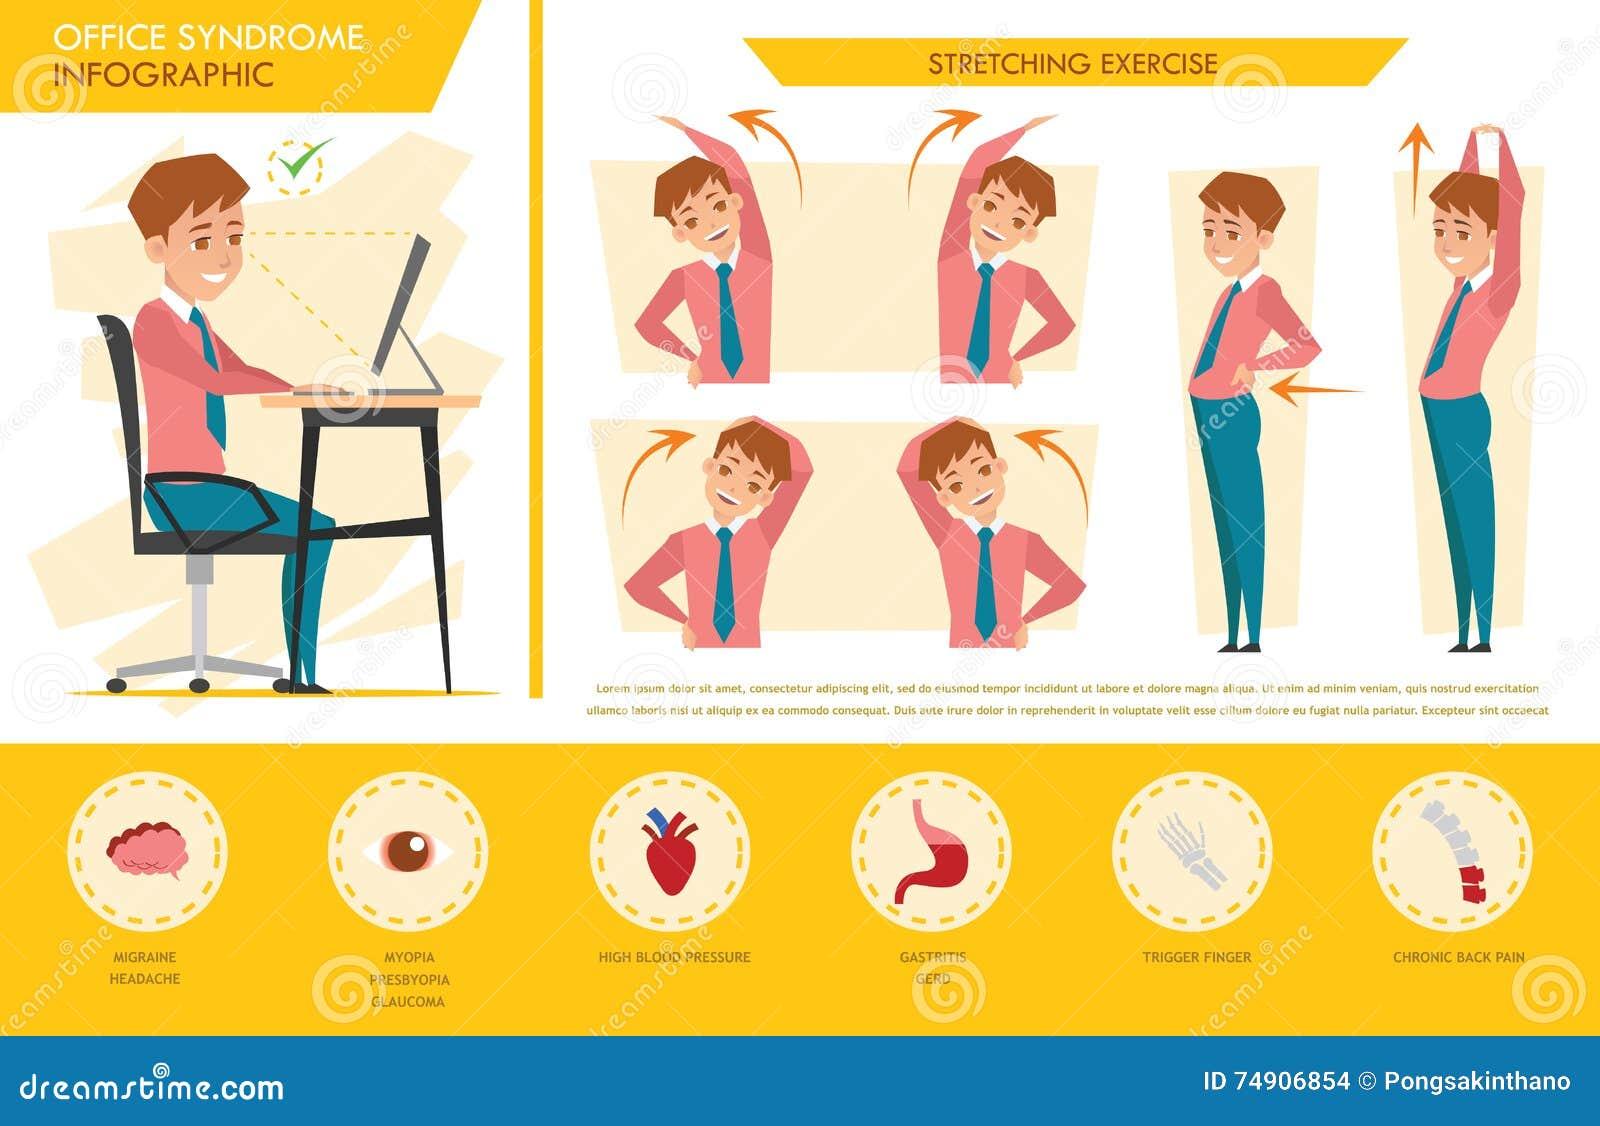 Diagram för information om mankontorssyndrom och sträckningsövning